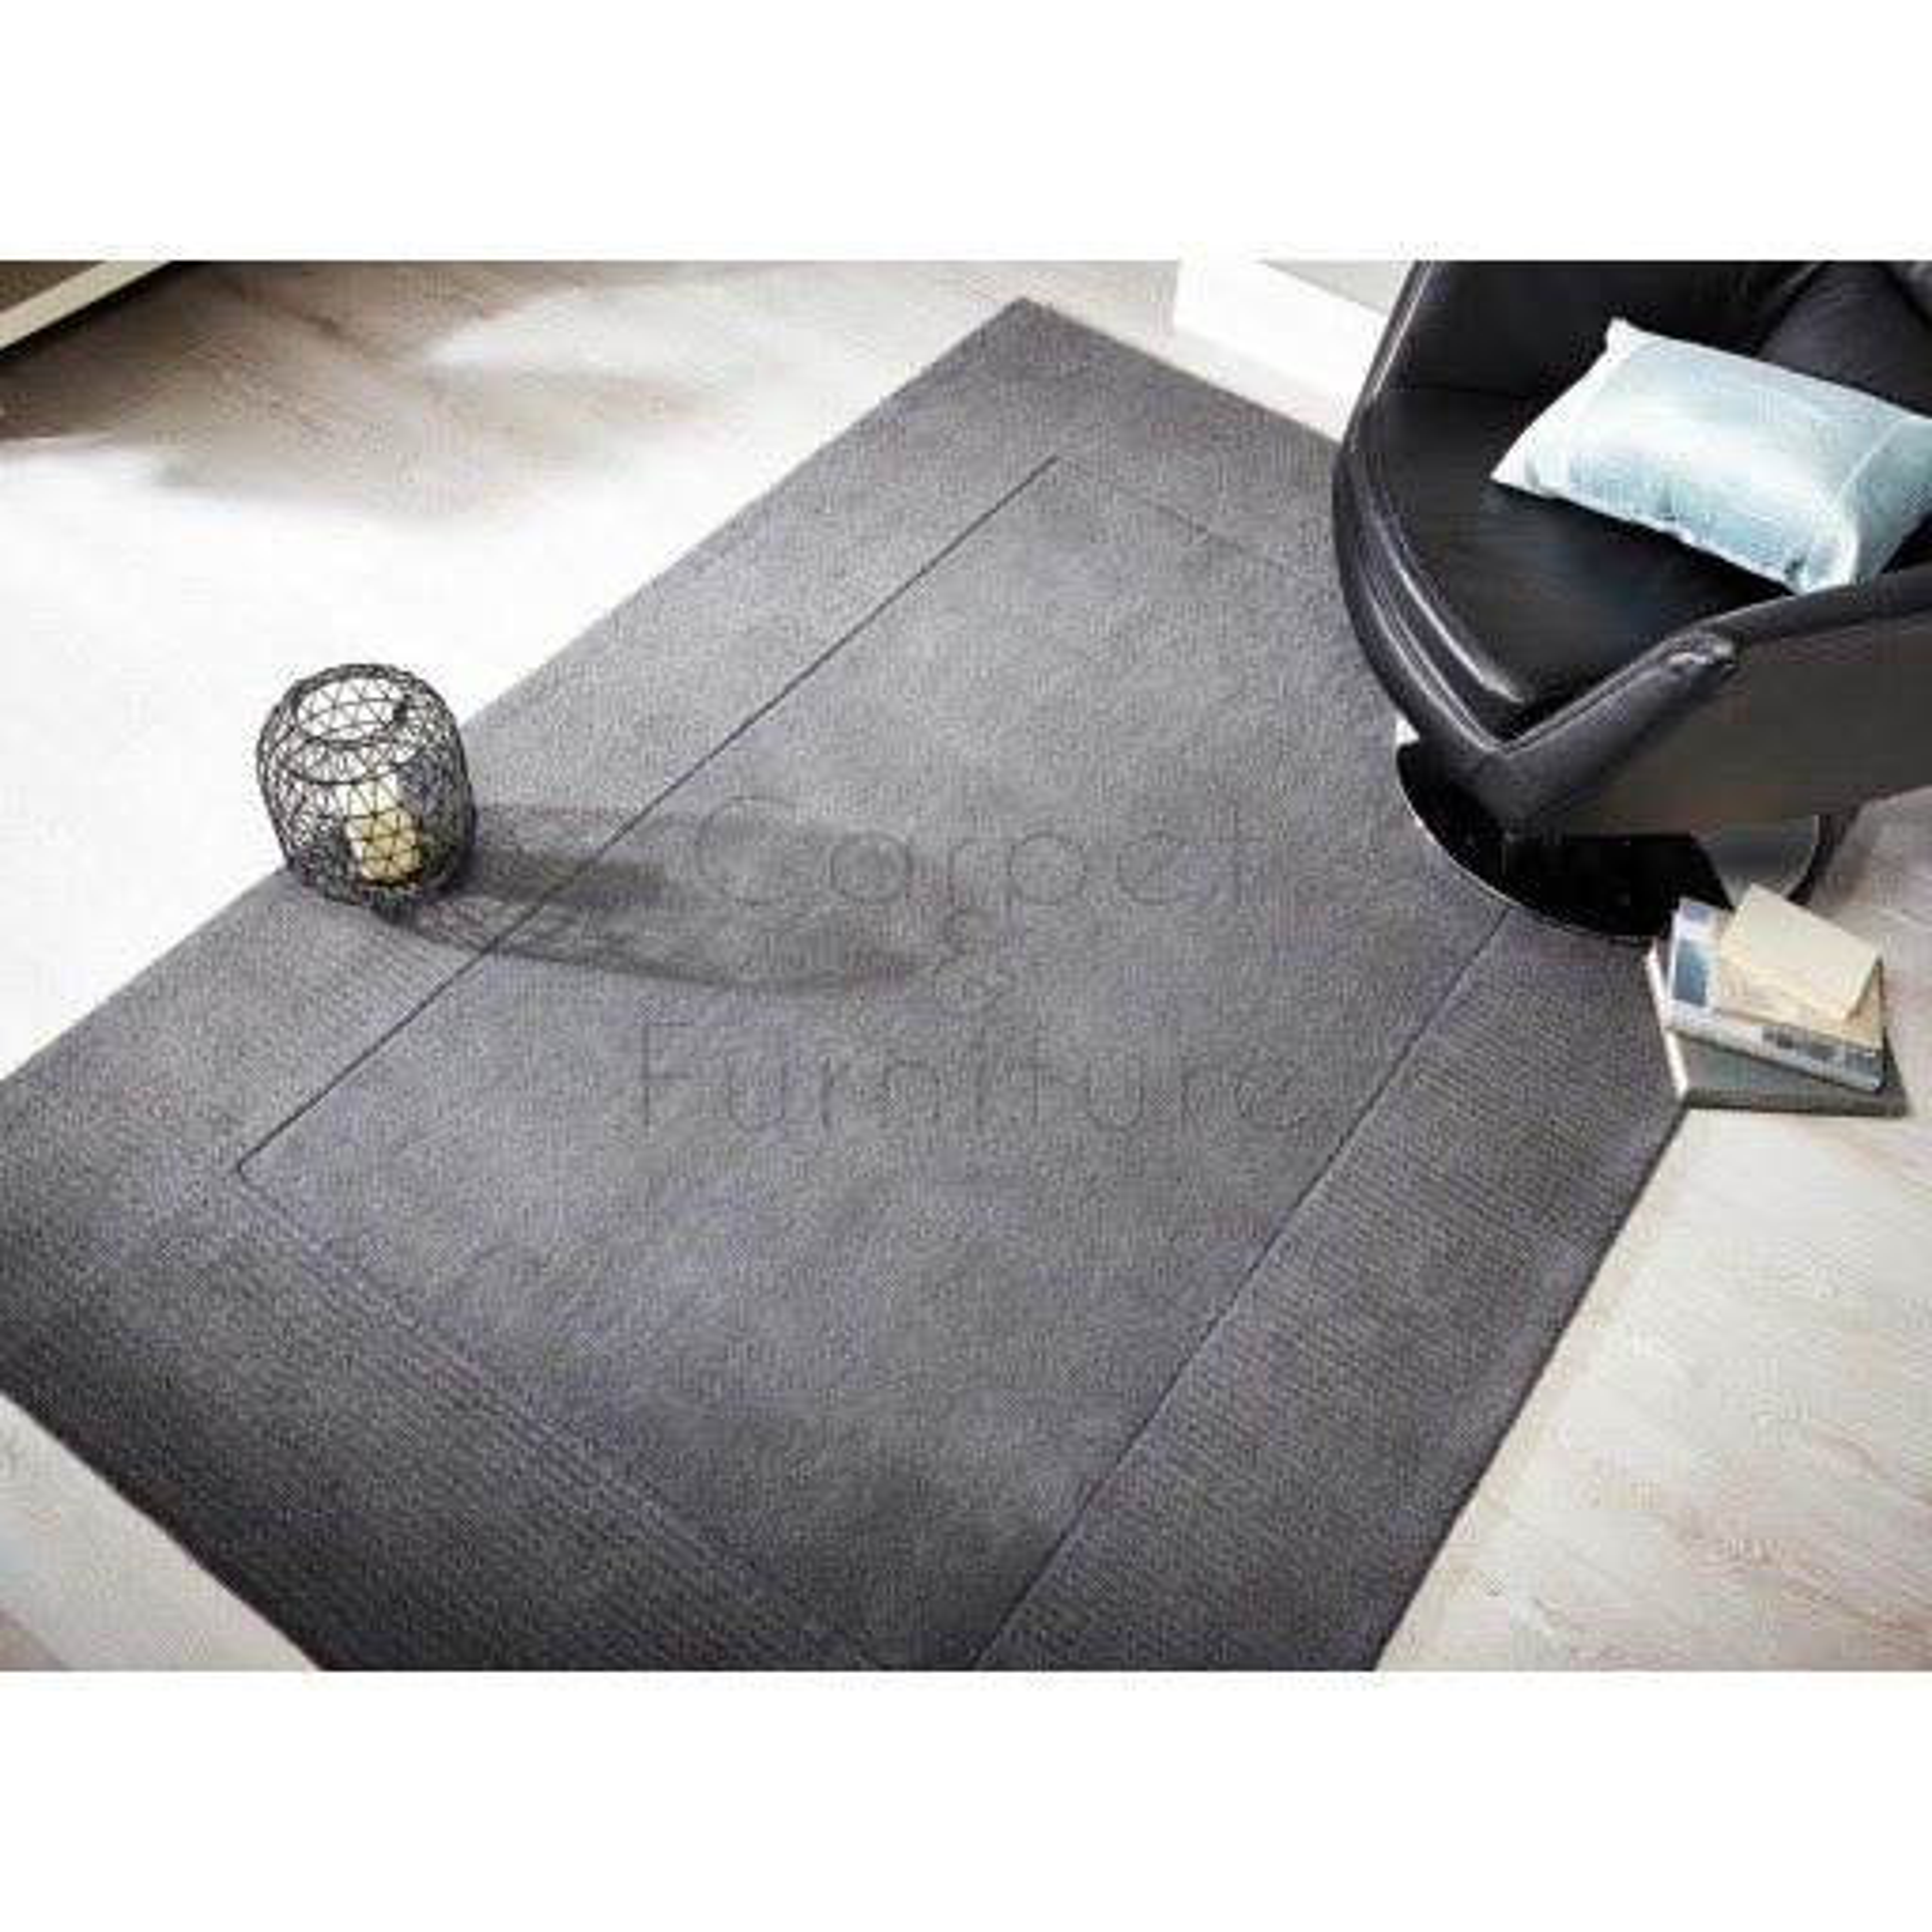 """Tuscany Sienna Rug - Light Grey - Size 120 x 170 cm (4' x 5'7"""")"""